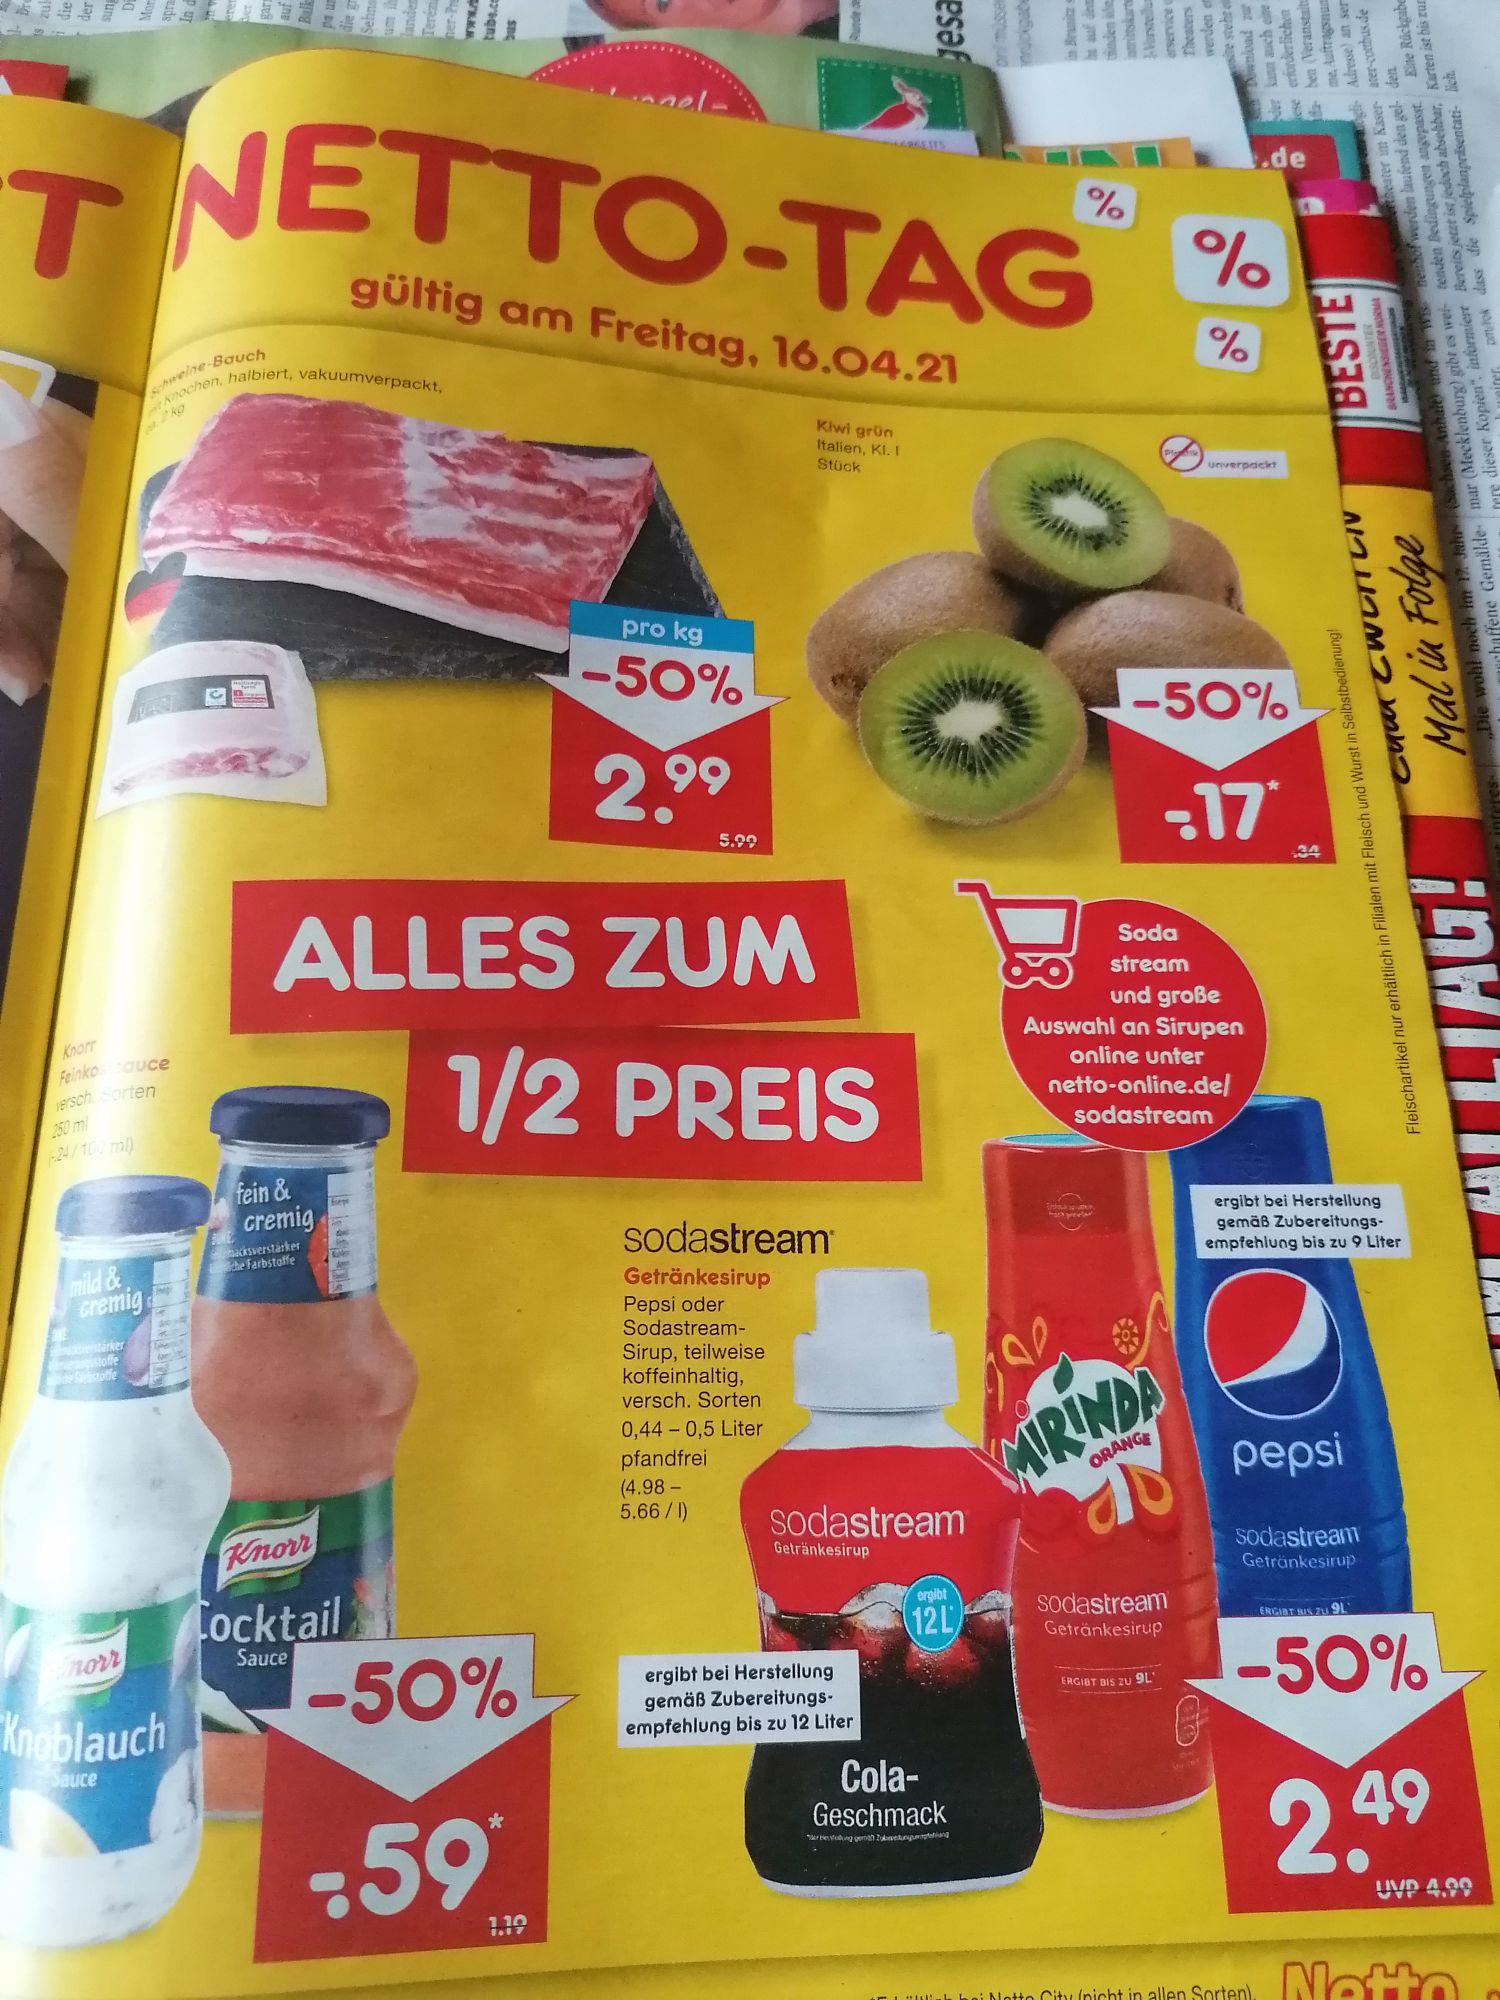 [Netto MD Tag 16.4.21] Kiwi Kl.1 Italien 0,17€/Stück